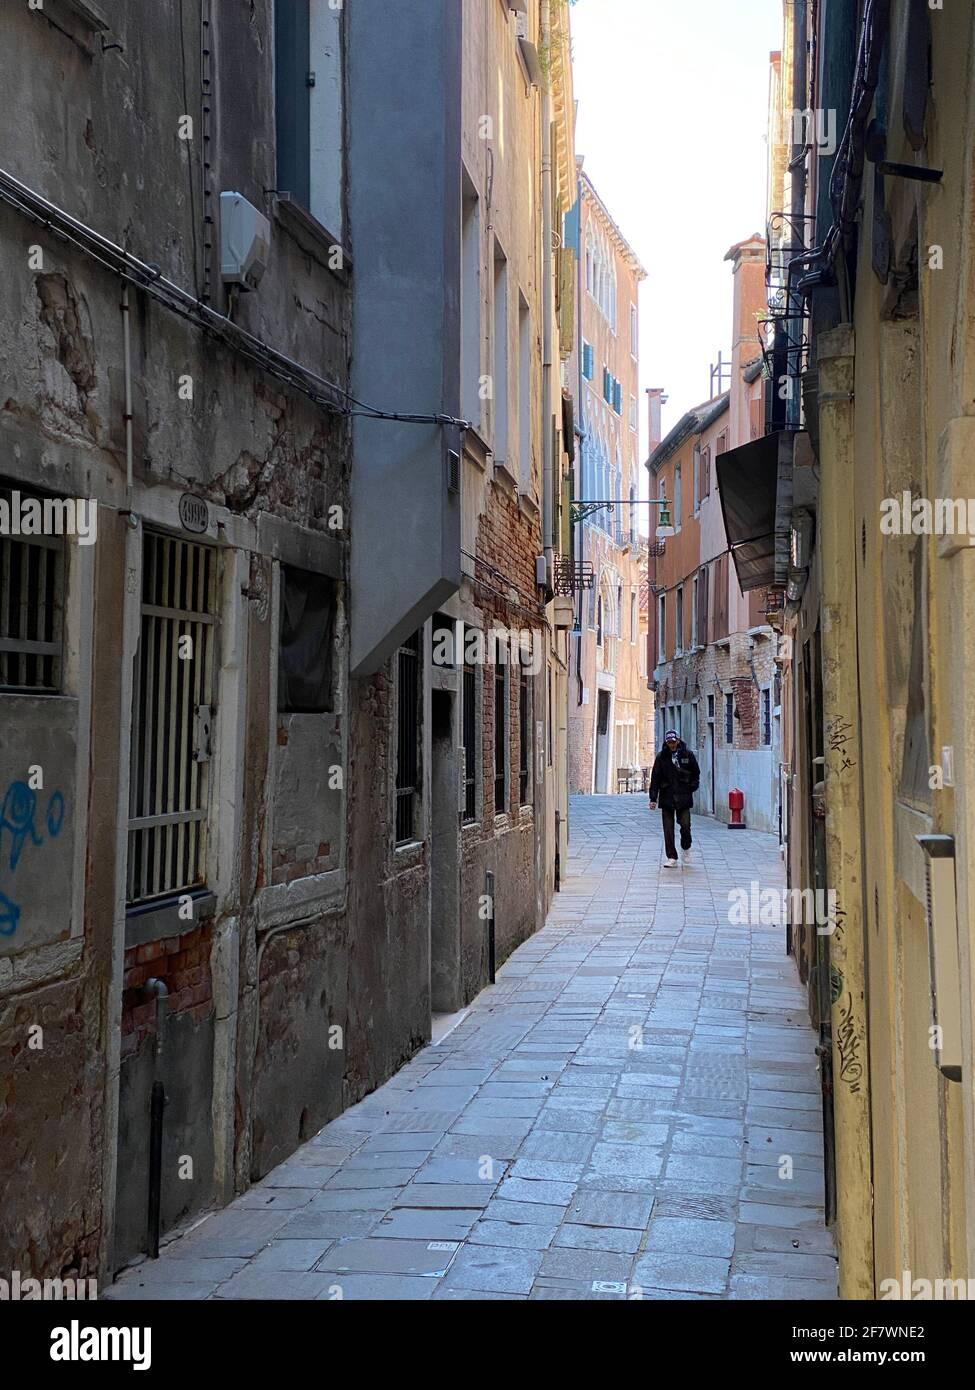 Petite rue à Venise sans personne pendant la crise COVID-19, Italie Banque D'Images